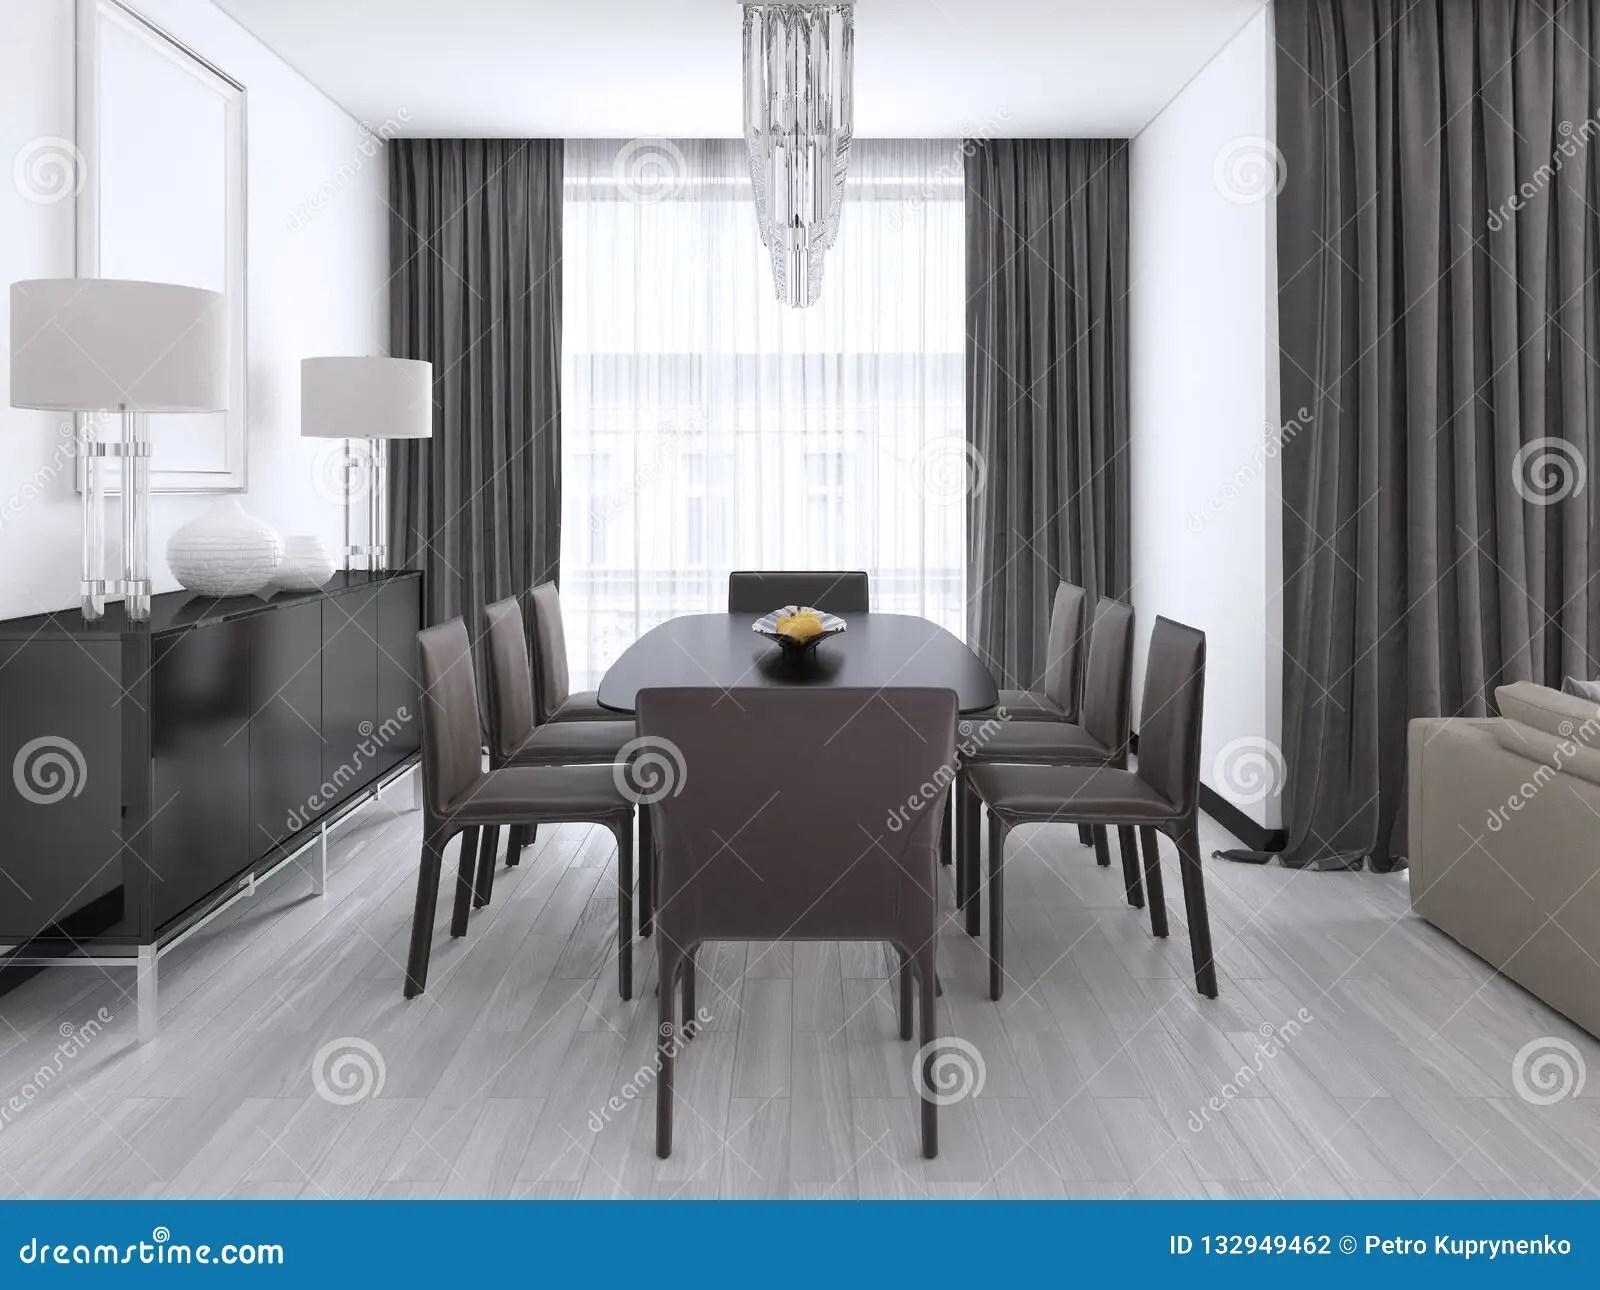 Salle A Manger Moderne Luxueuse Avec Une Grande Table Et Des Chaises Amorties Et Un Lustre En Cristal Plus De Illustration Stock Illustration Du Table Manger 132949462